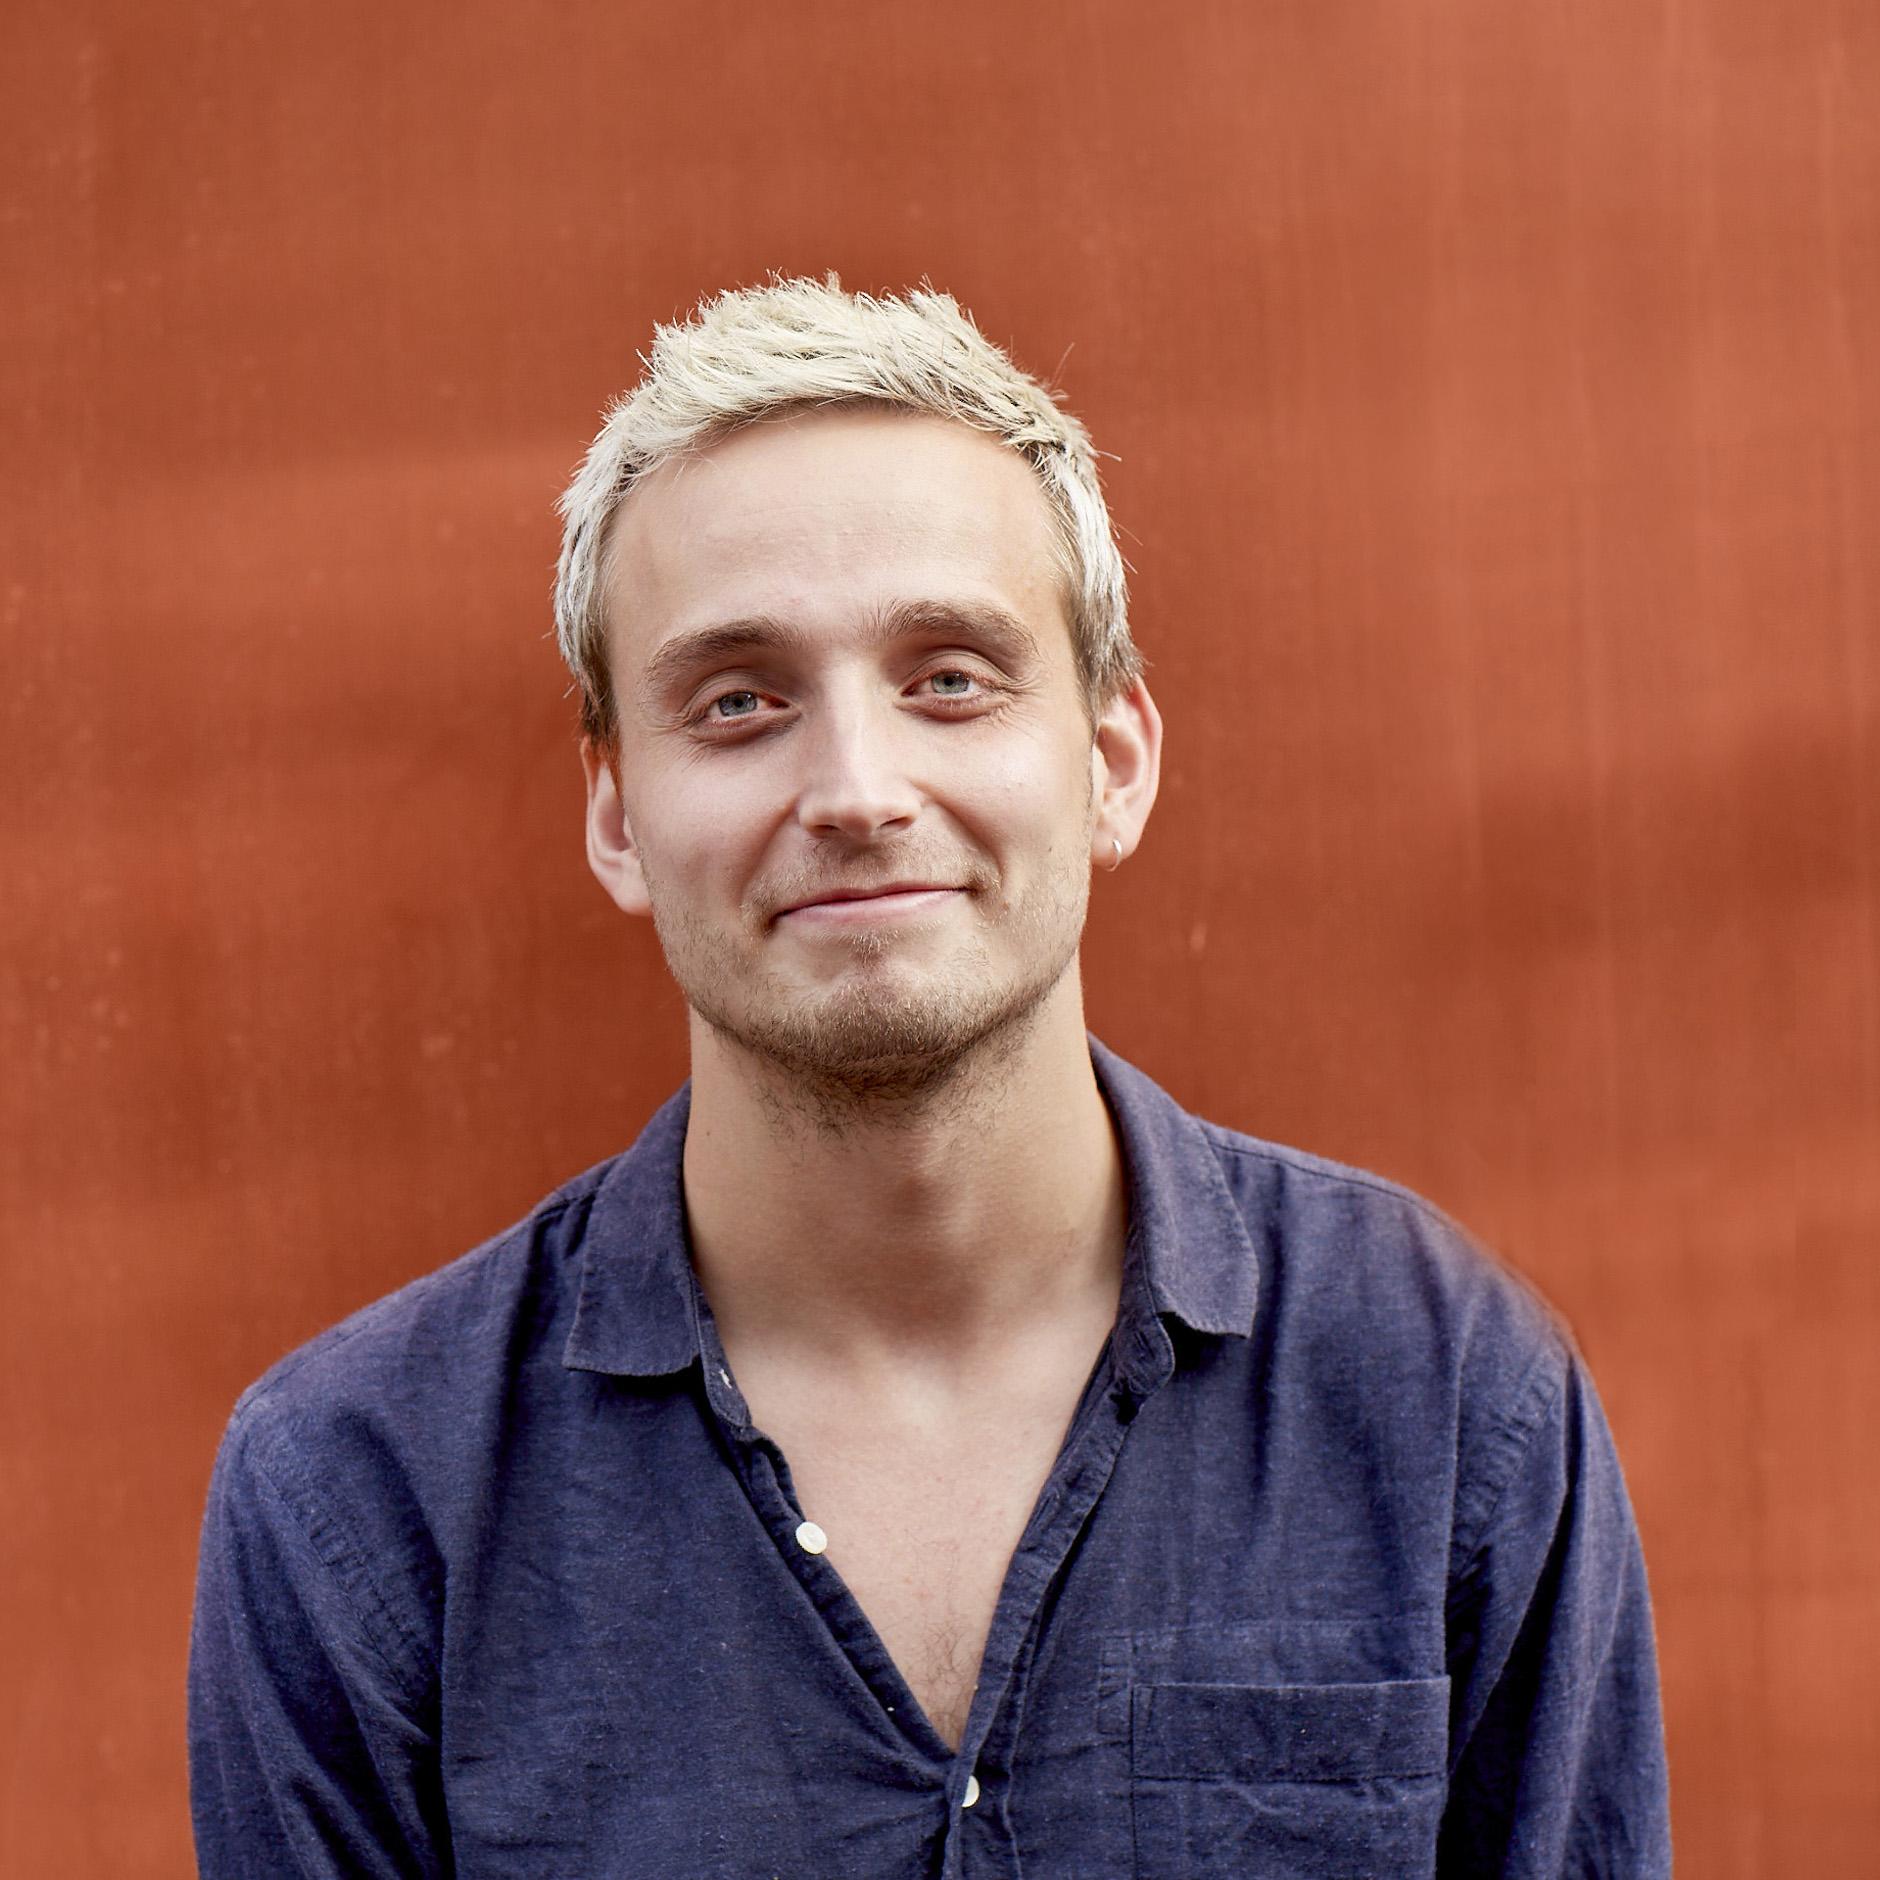 Oscar Eriksen